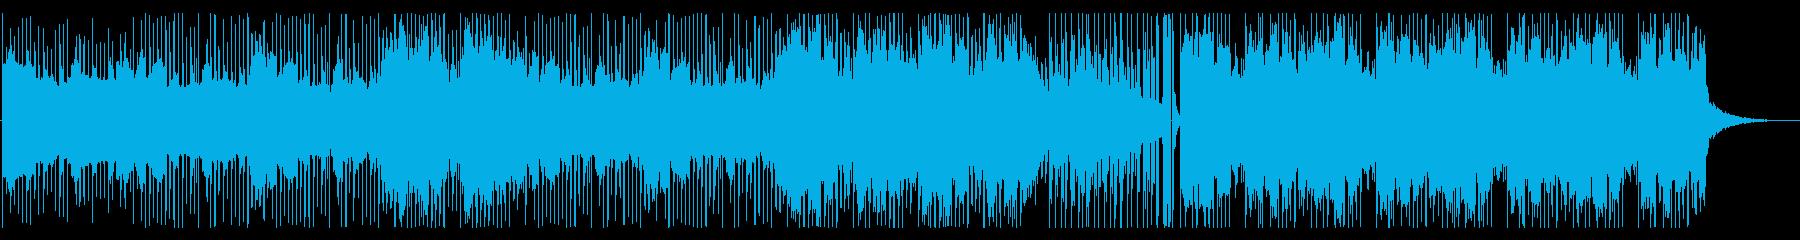 治安が悪く不穏なヒップホップ風BGMの再生済みの波形